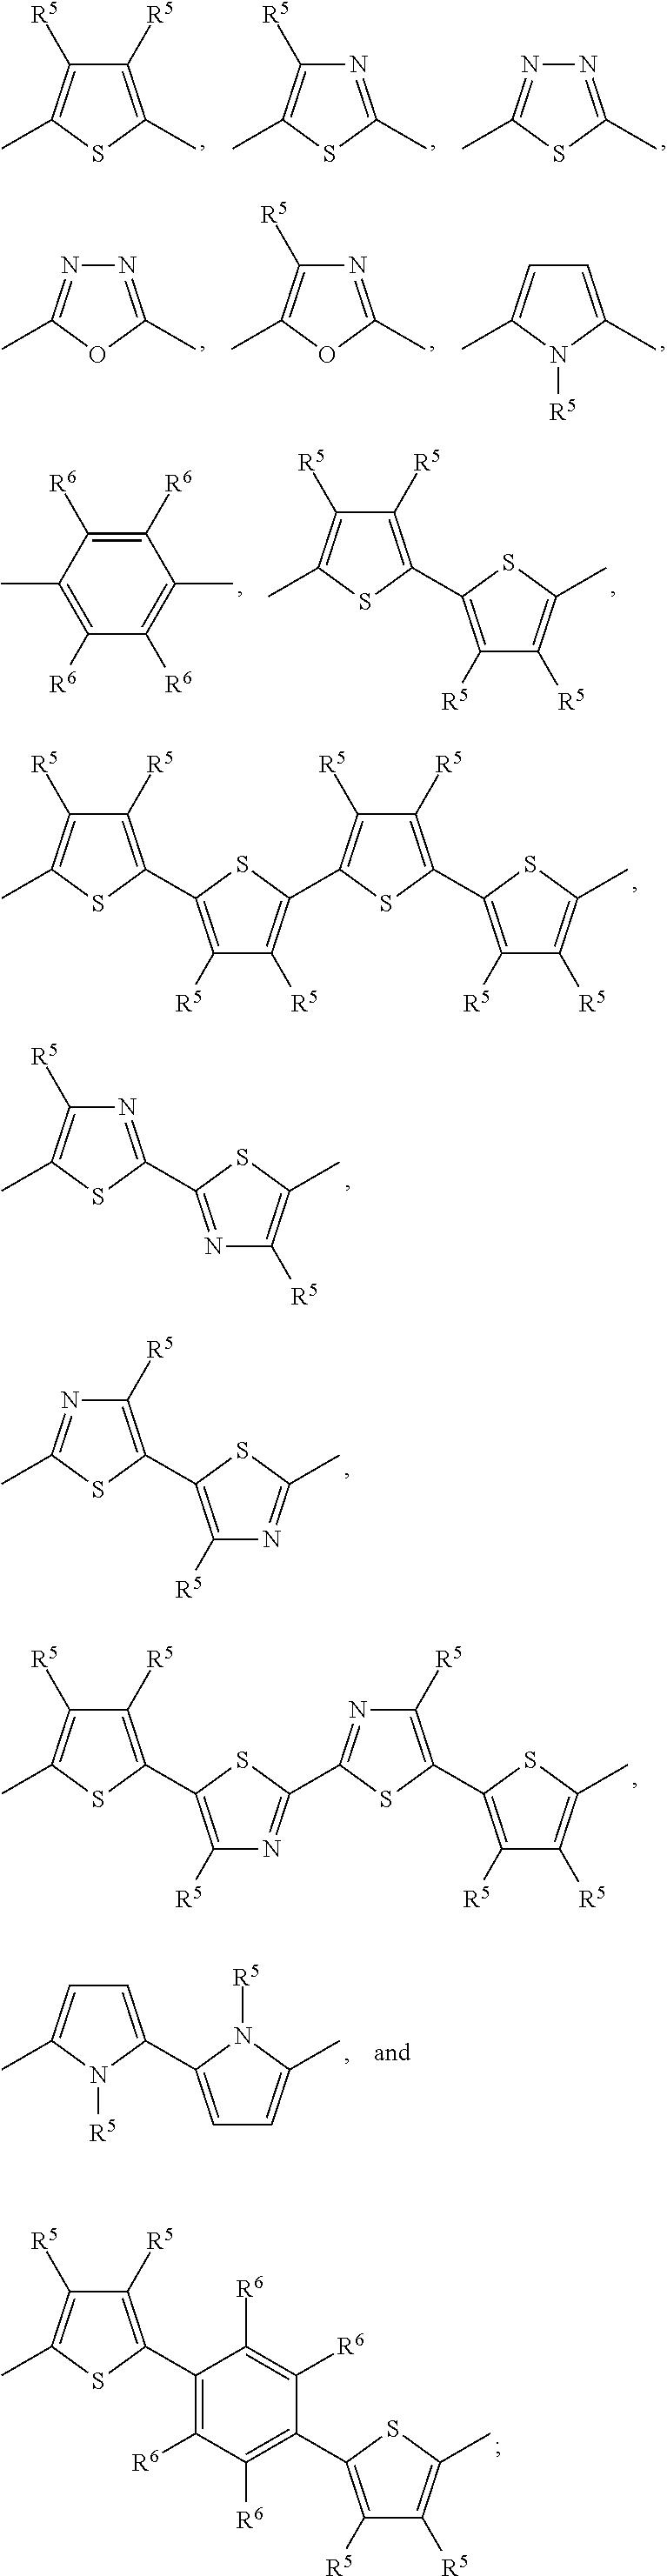 Figure US08329855-20121211-C00079